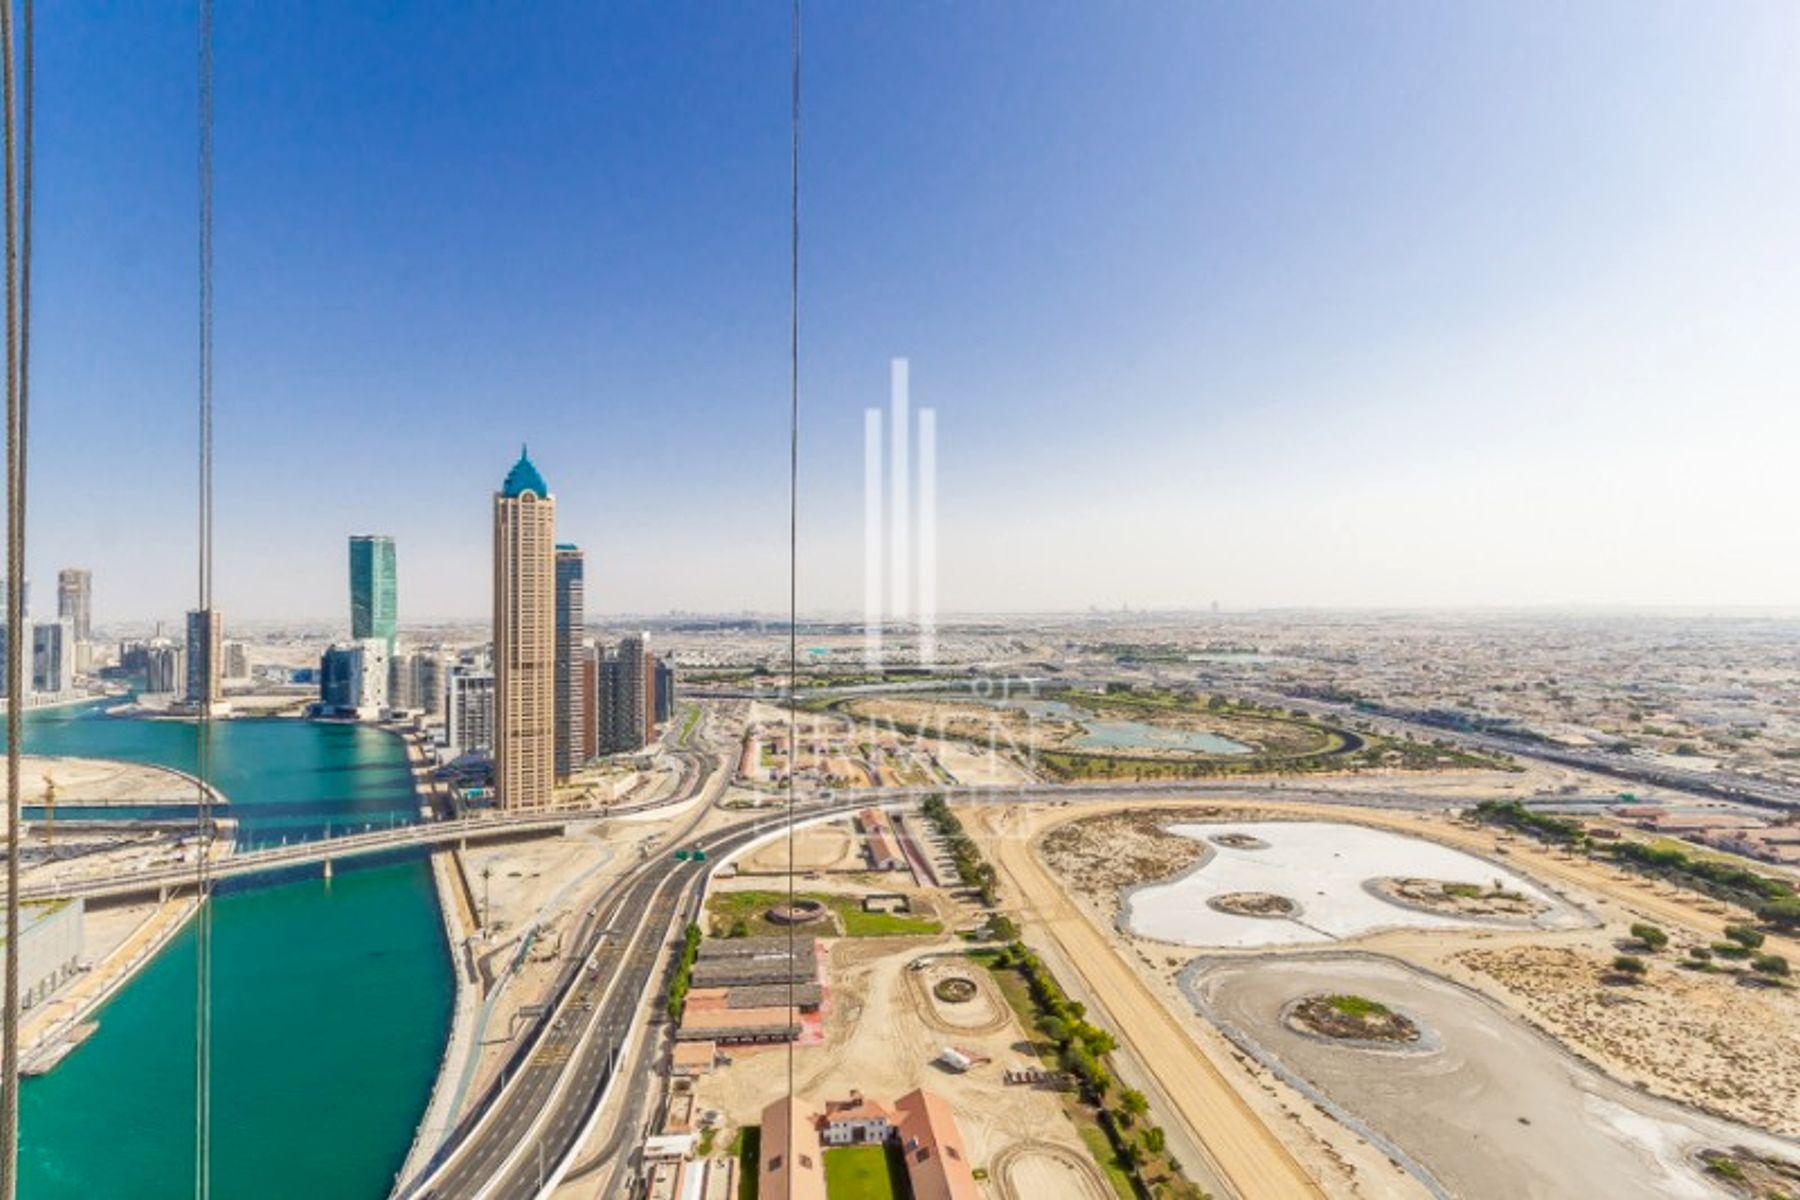 للايجار - شقة - نوره - الخليج التجاري